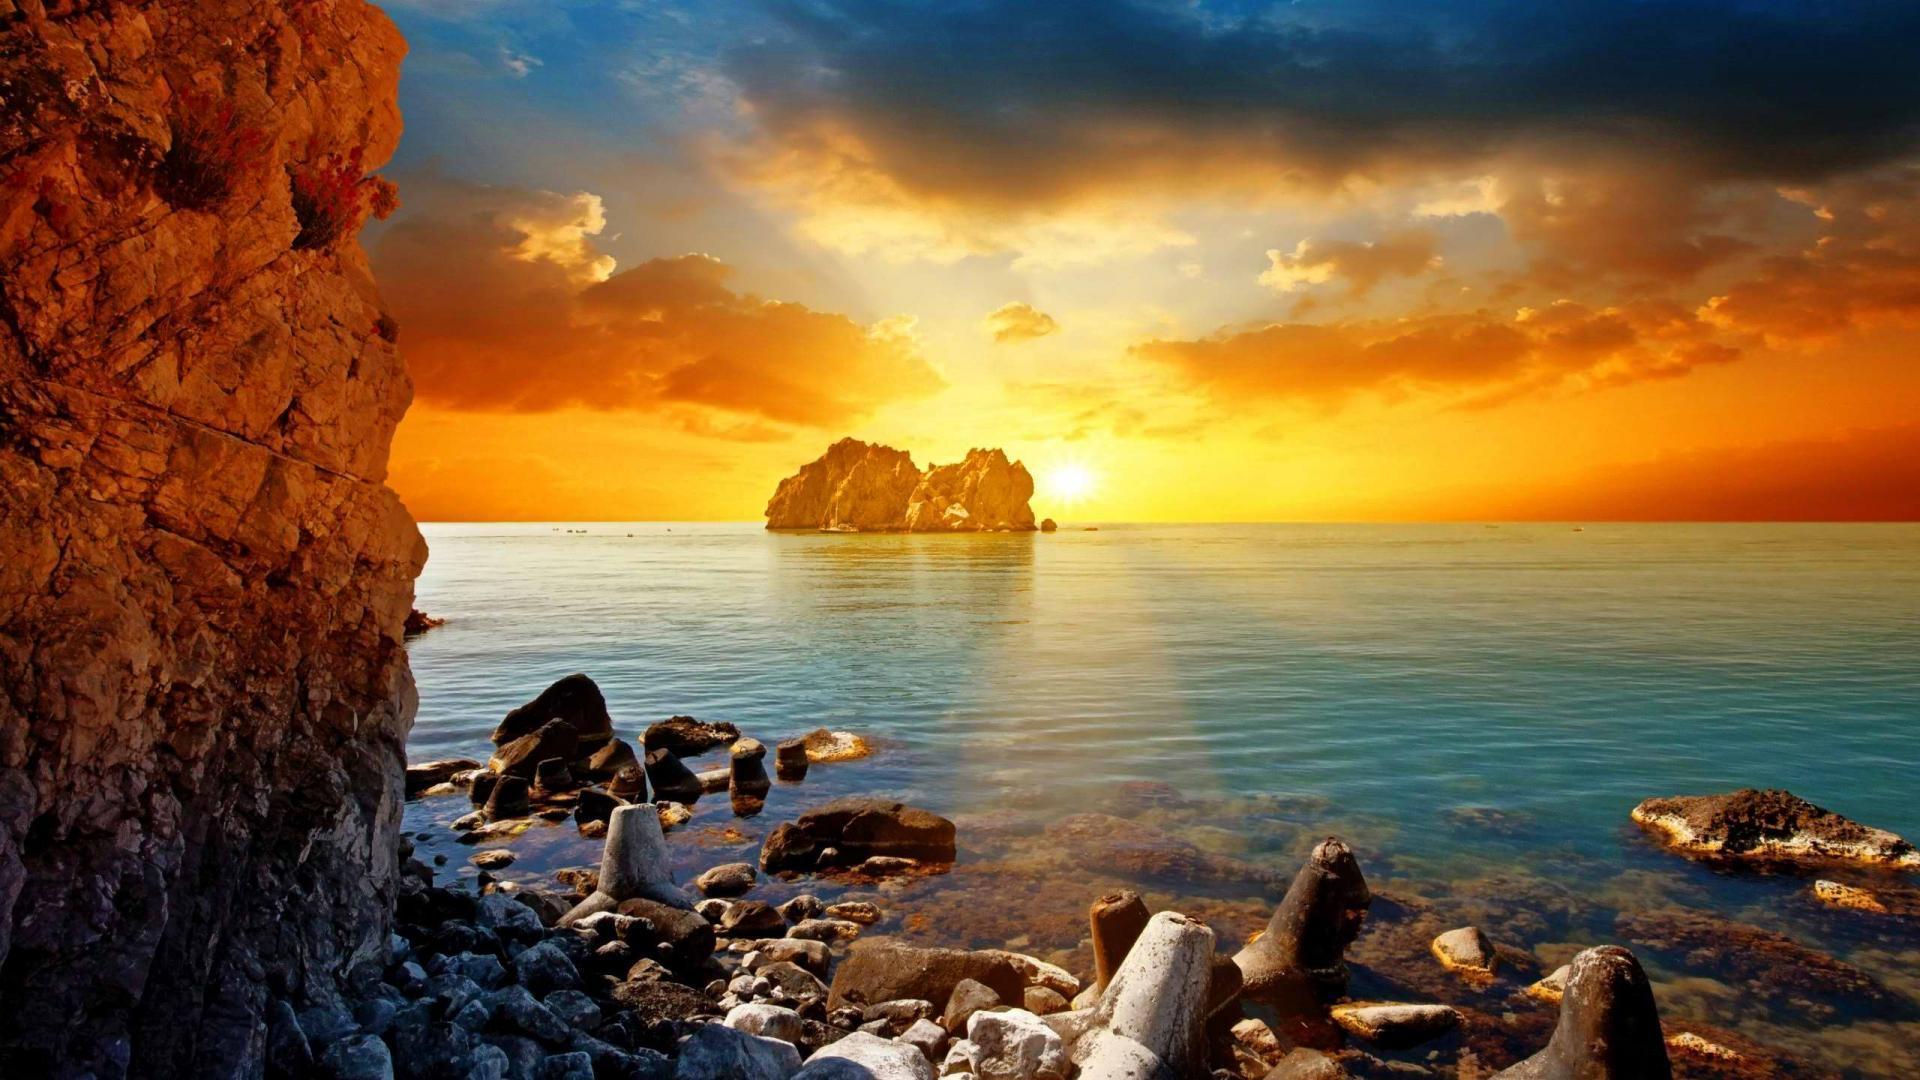 sunset beach images hd wallpaper desktop backgrounds free